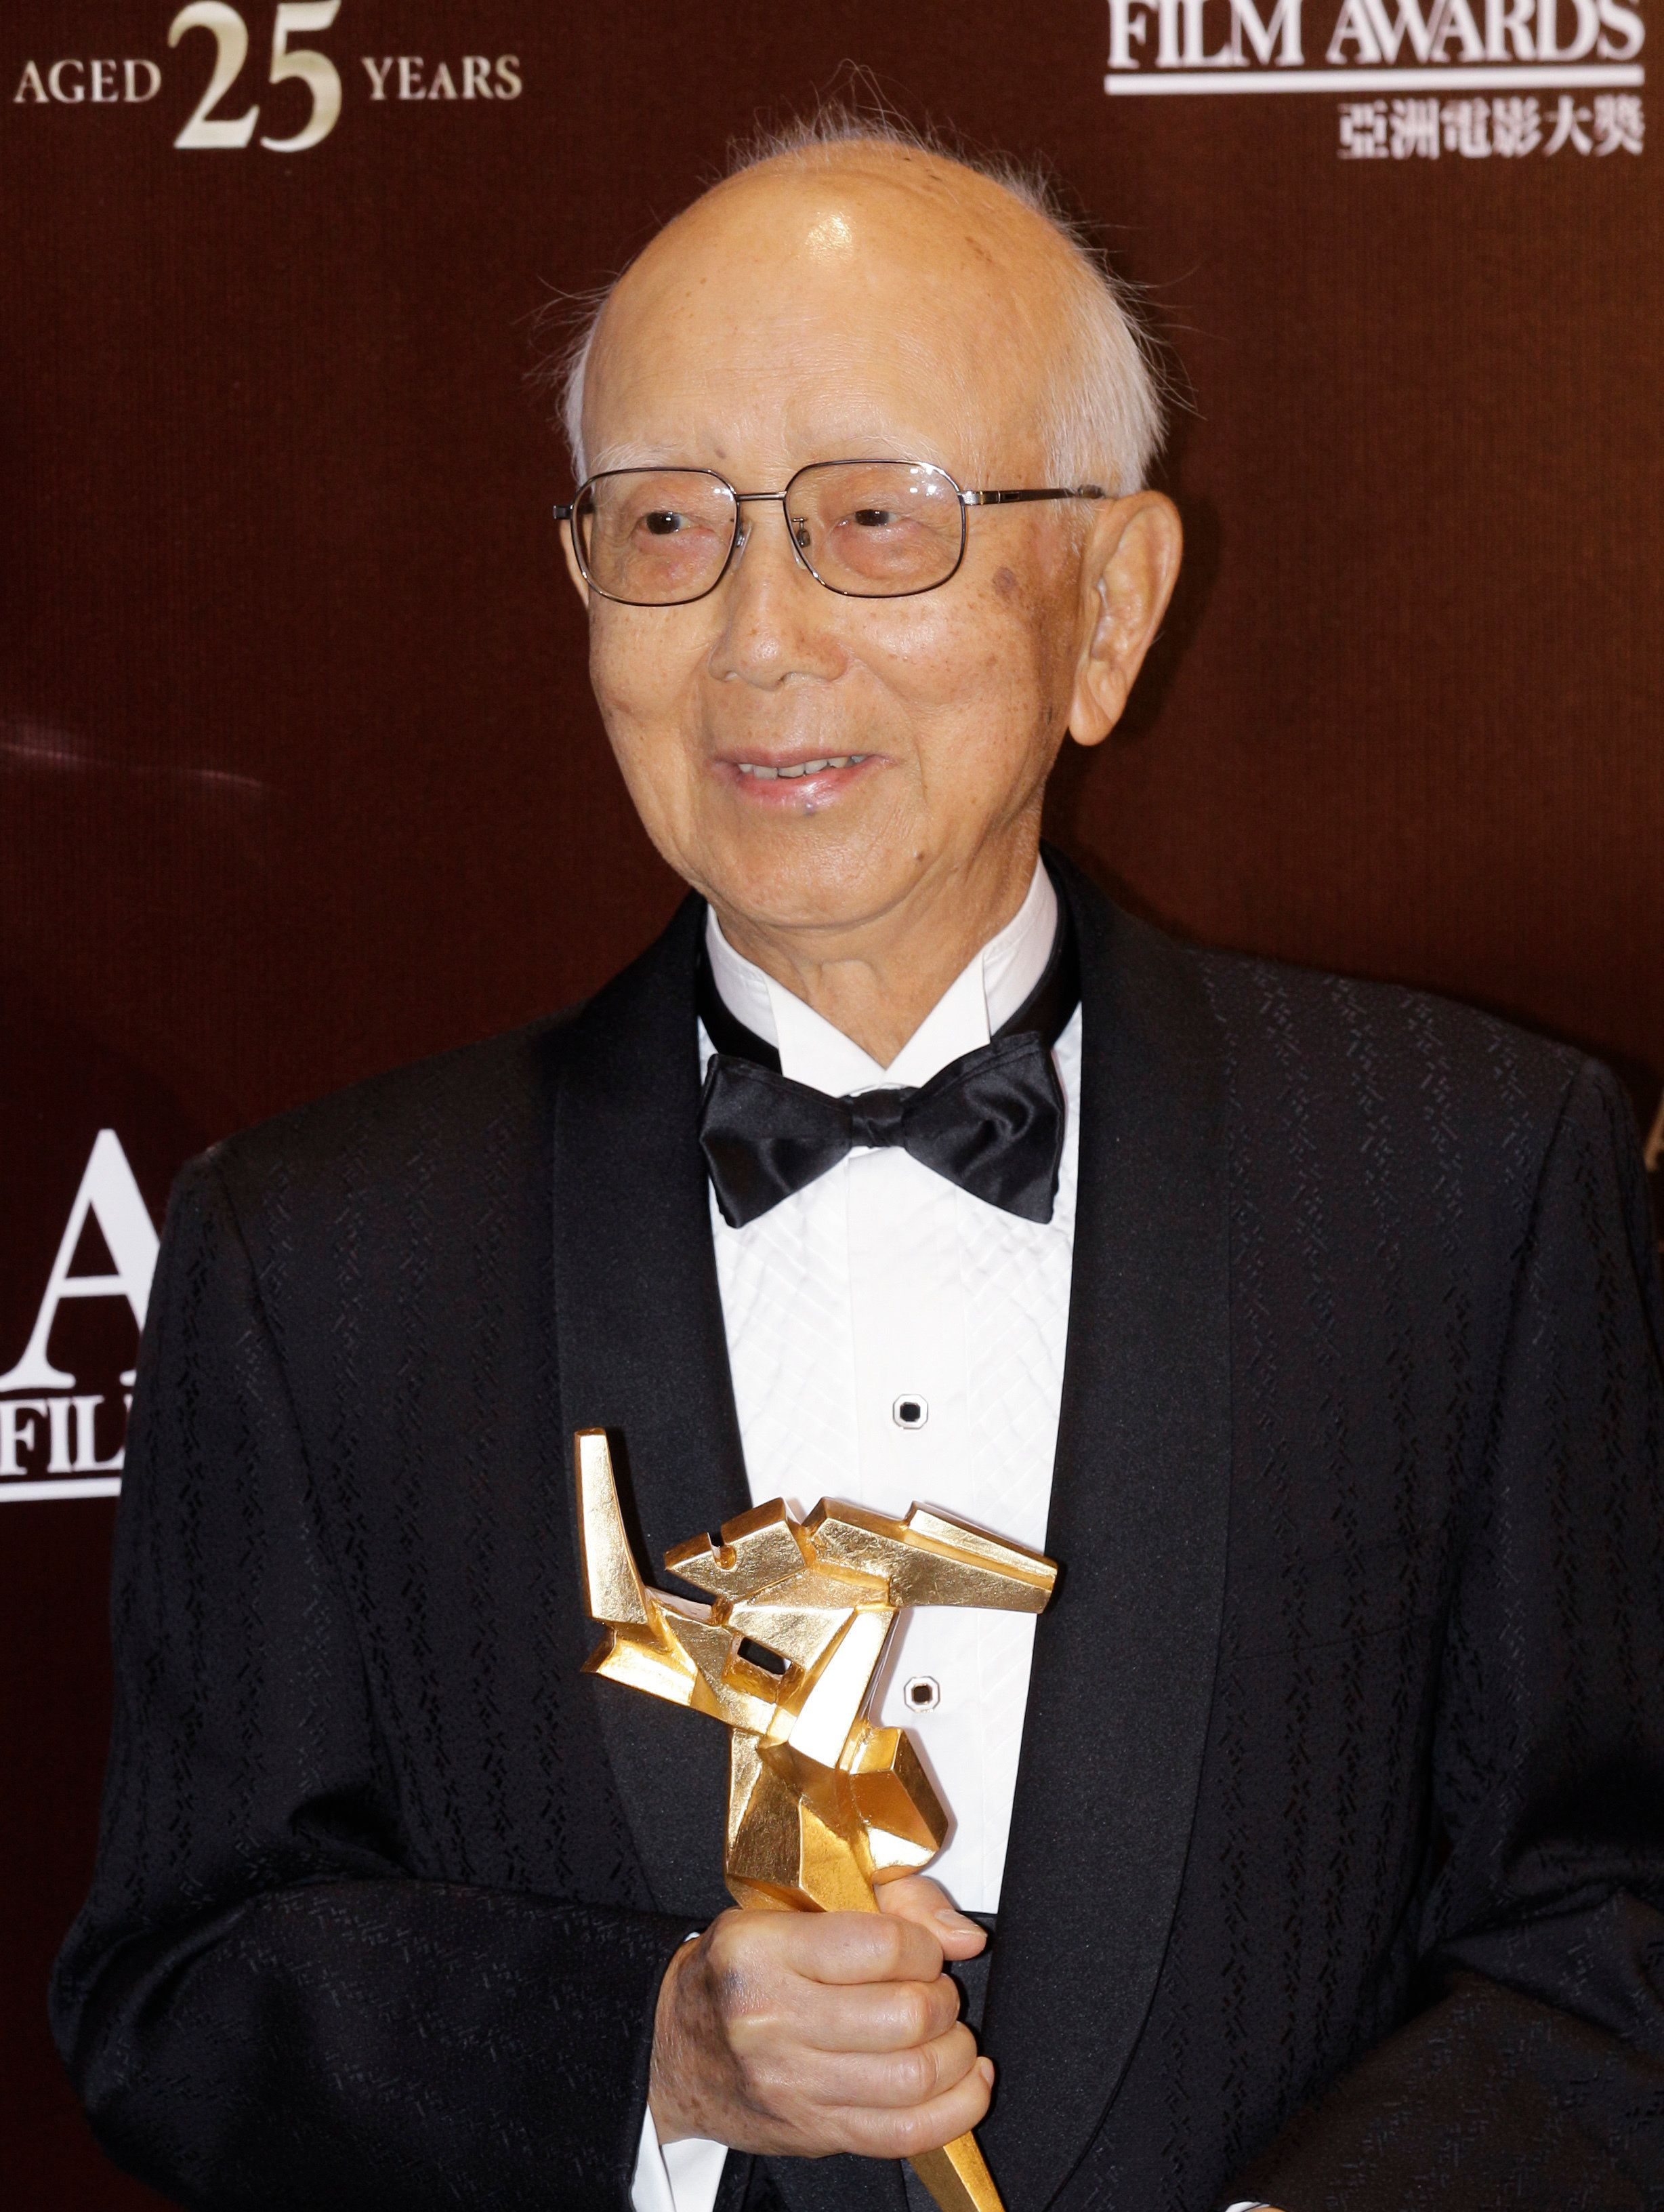 이소룡을 발굴한 홍콩의 전설적인 영화제작자가 세상을